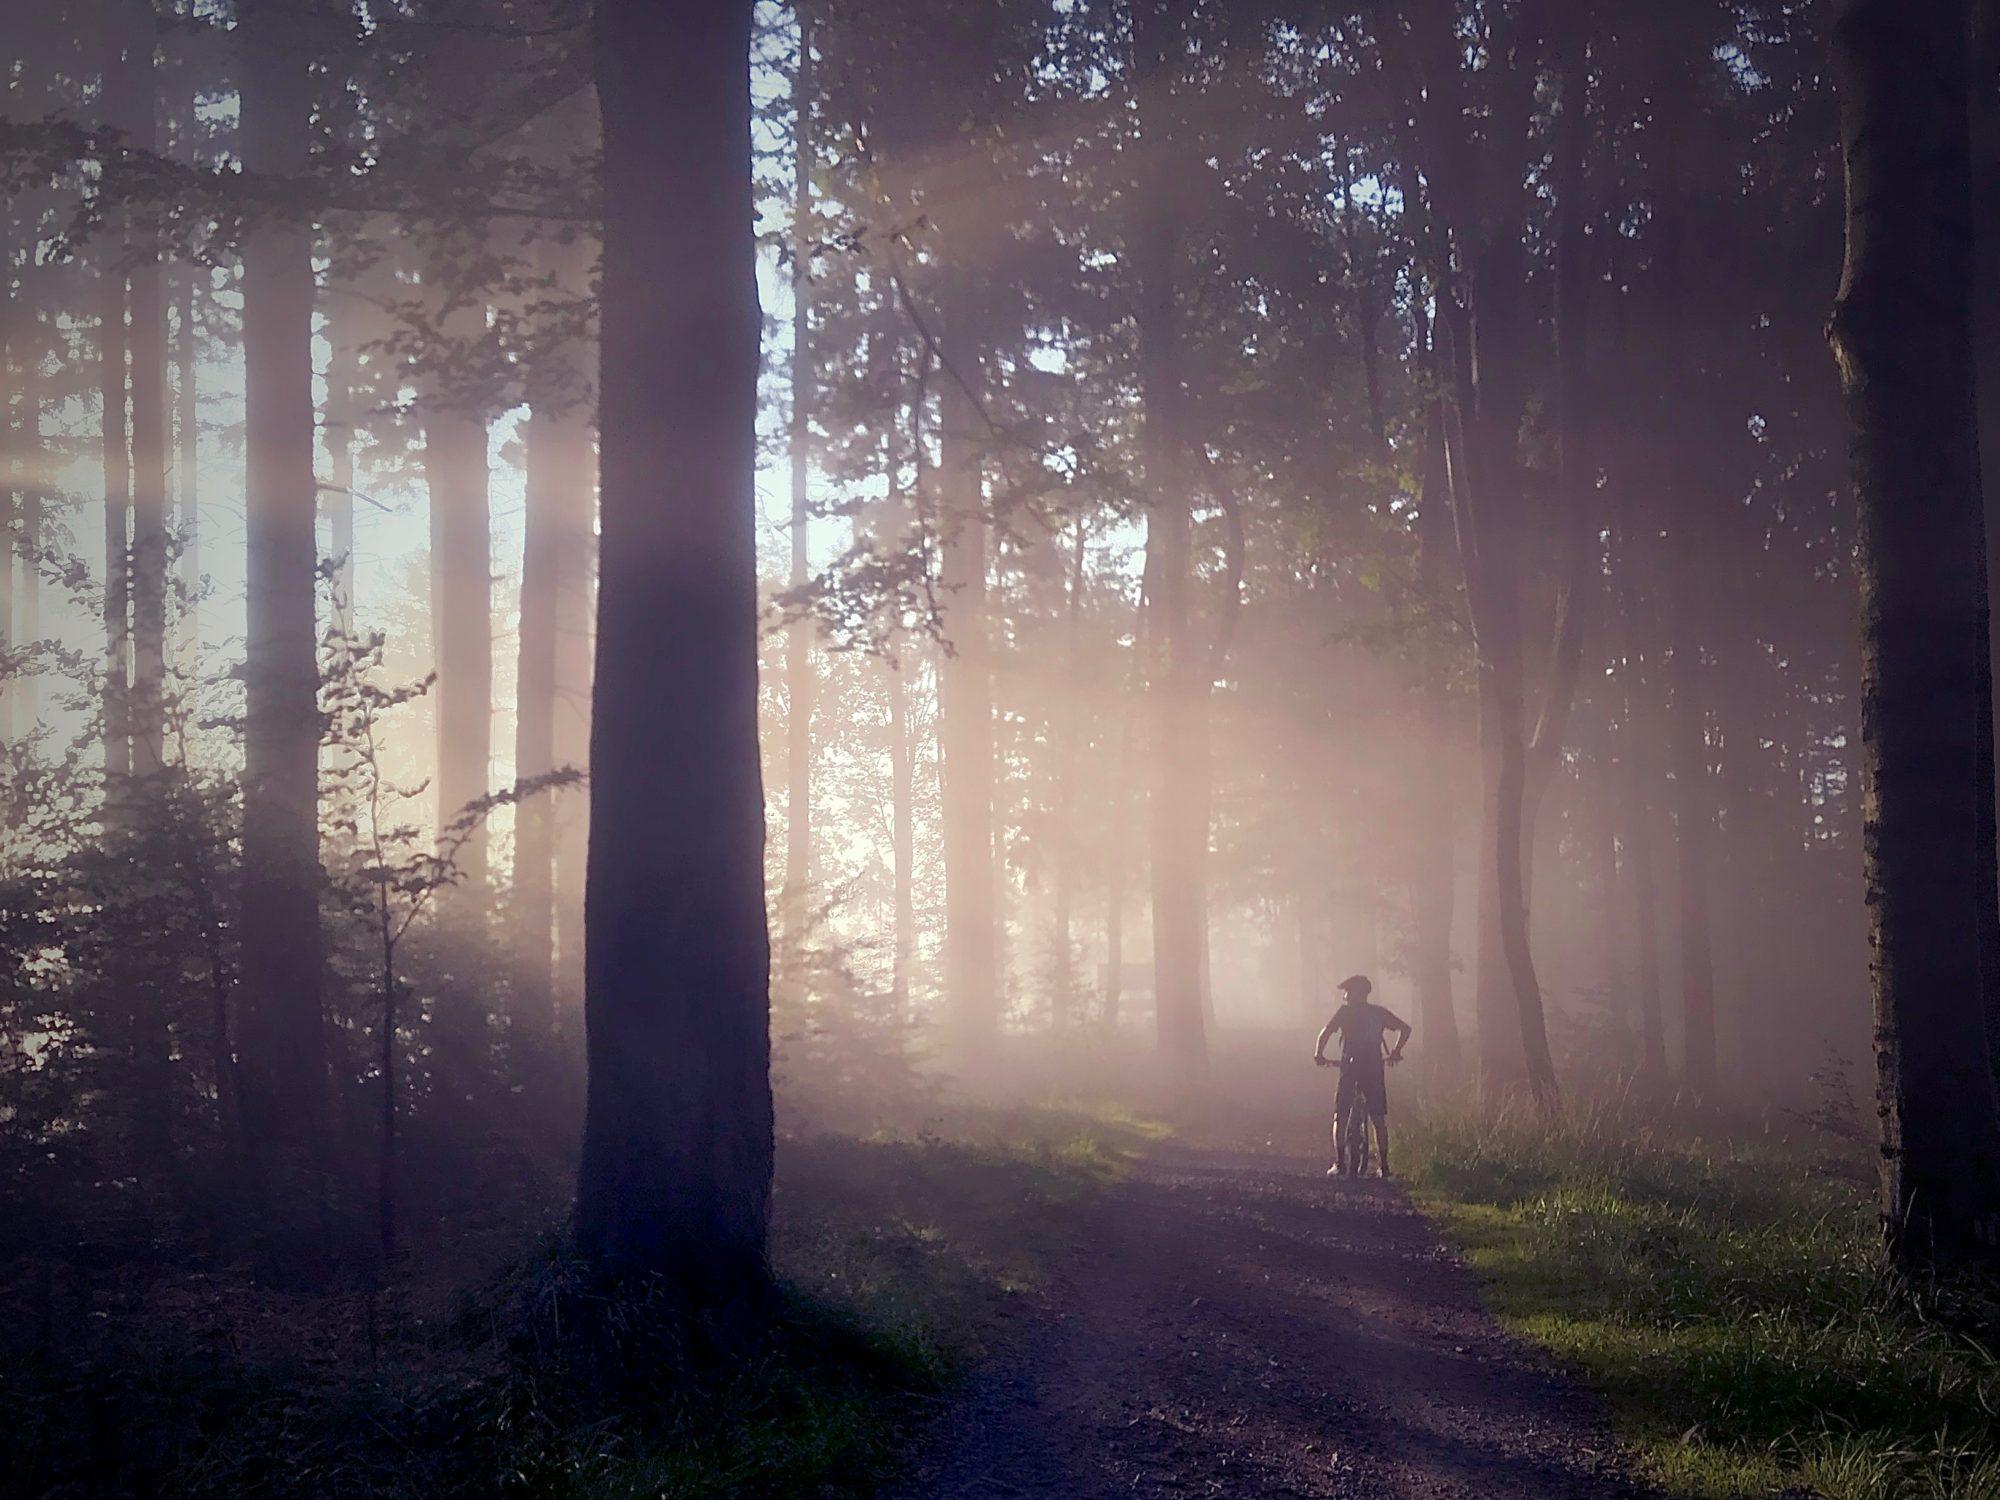 mountain biking in the misty woods